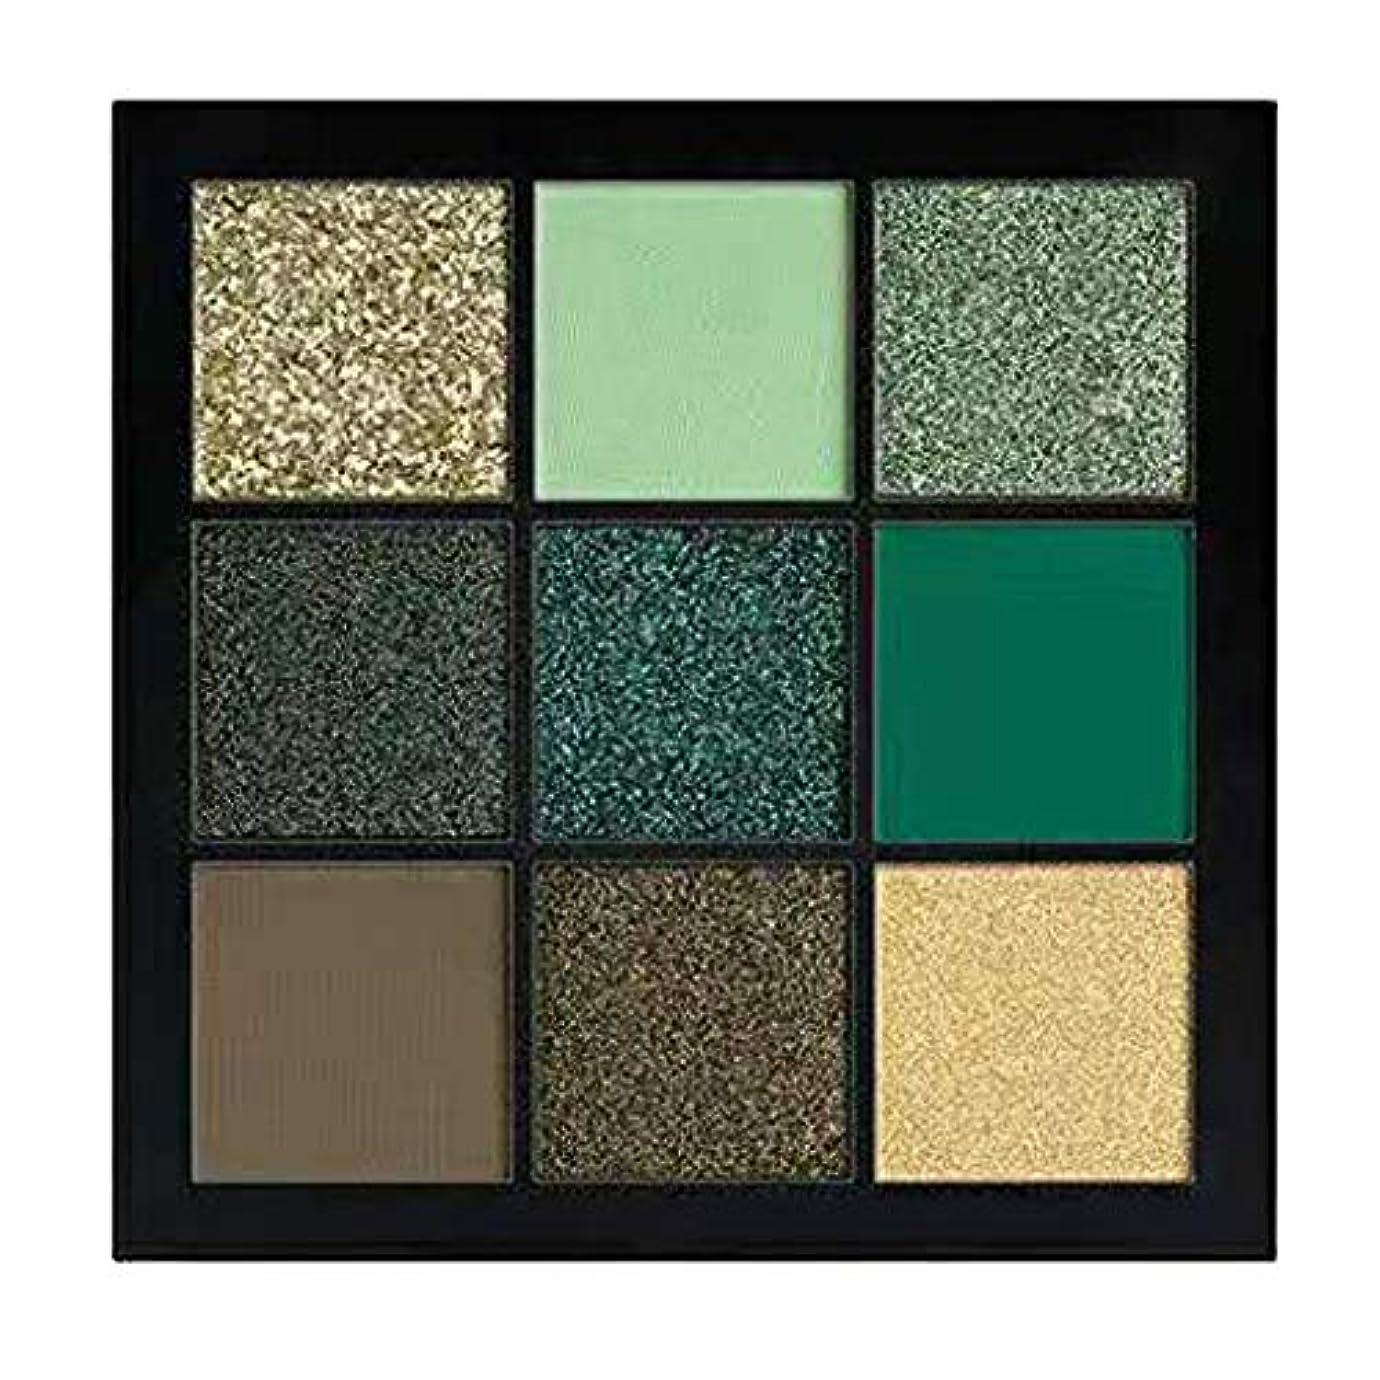 溶岩所属折るGOOD lask 9色ダイヤモンドブライトアイシャドートレイ、化粧品マットアイシャドウクリームメイクアップパレットシマーセット 化粧マットアイシャドー化粧パレットフラッシュセット持ち運びが簡単 (E)